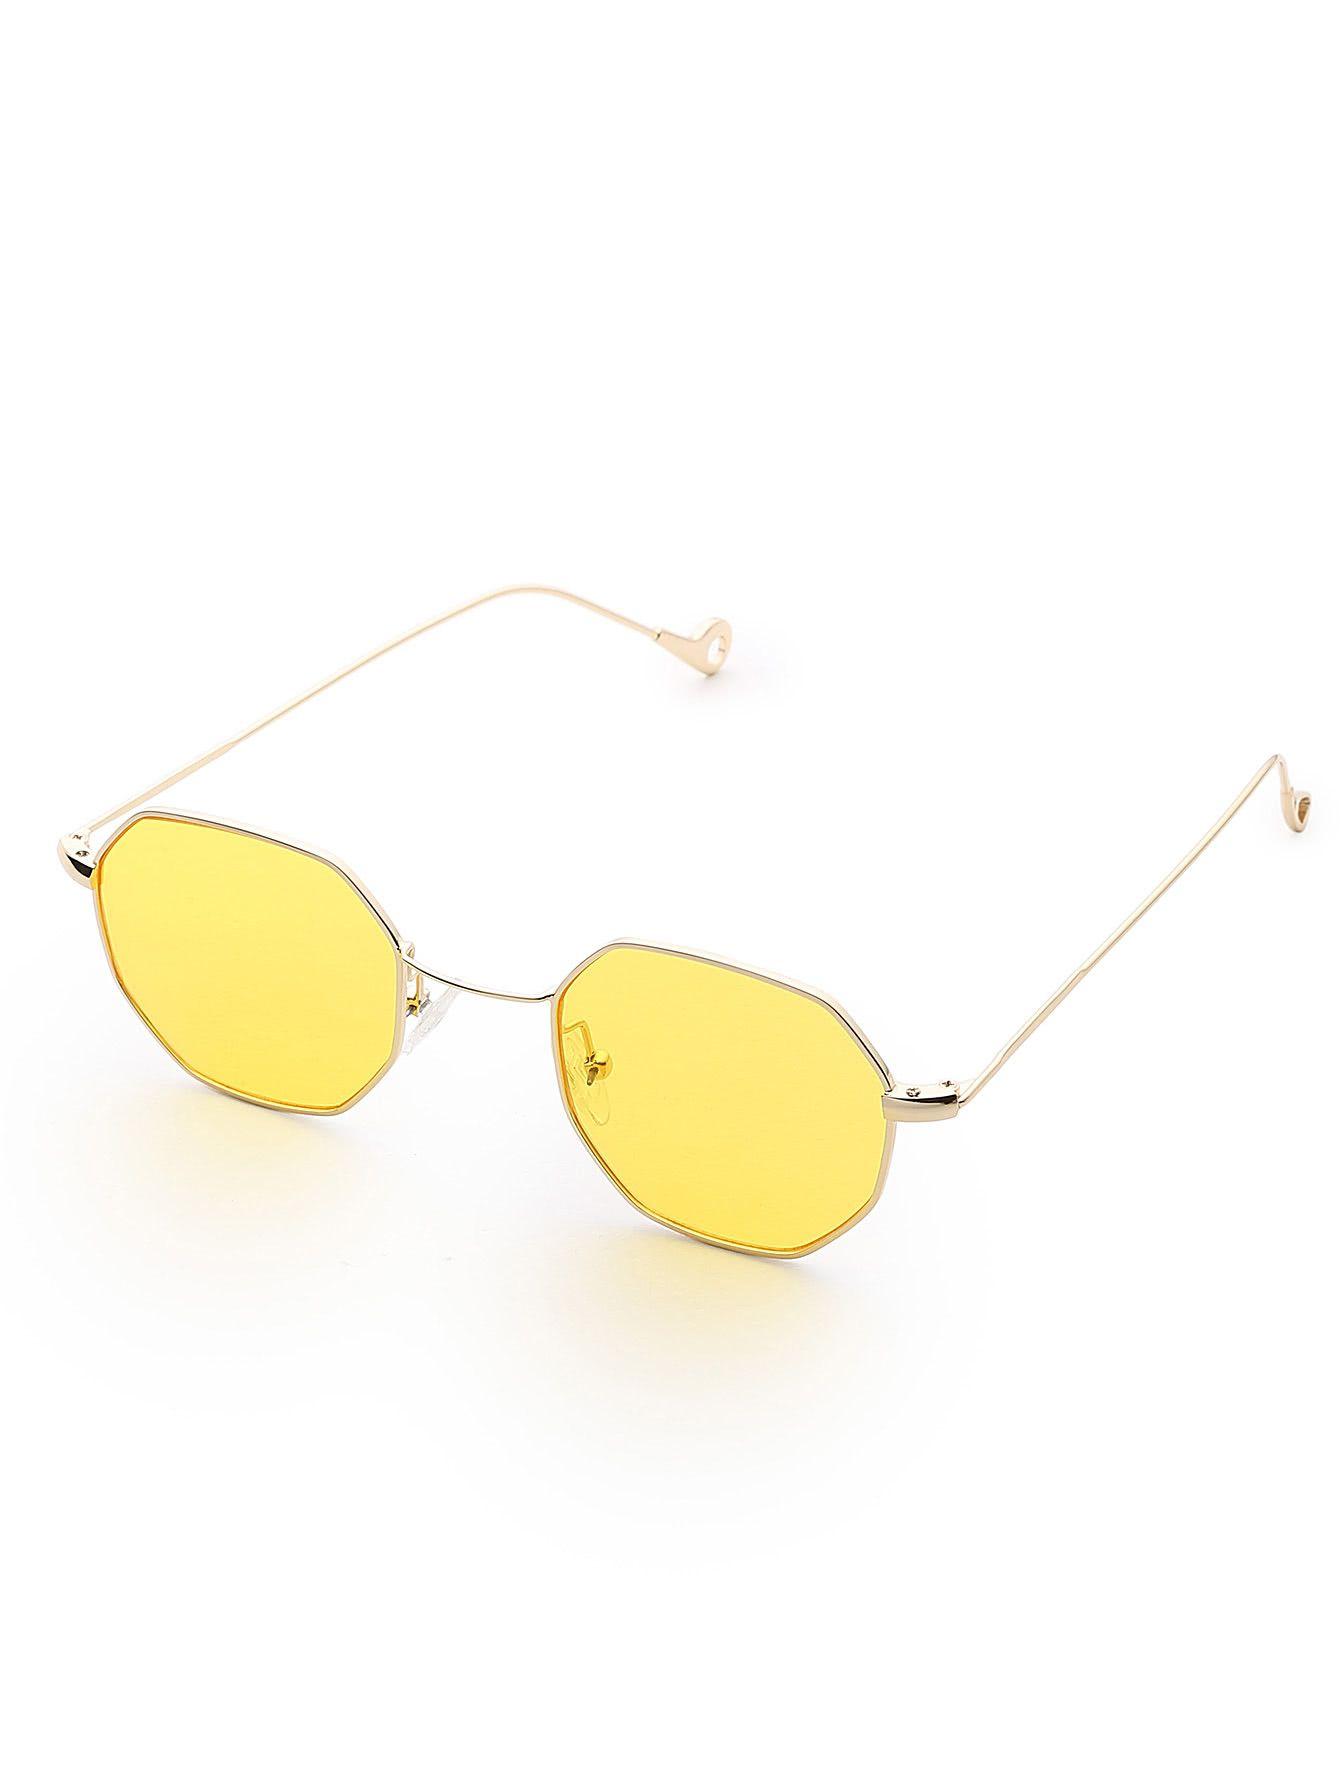 6e2447ee78 Polygon Flat Lens Sunglasses